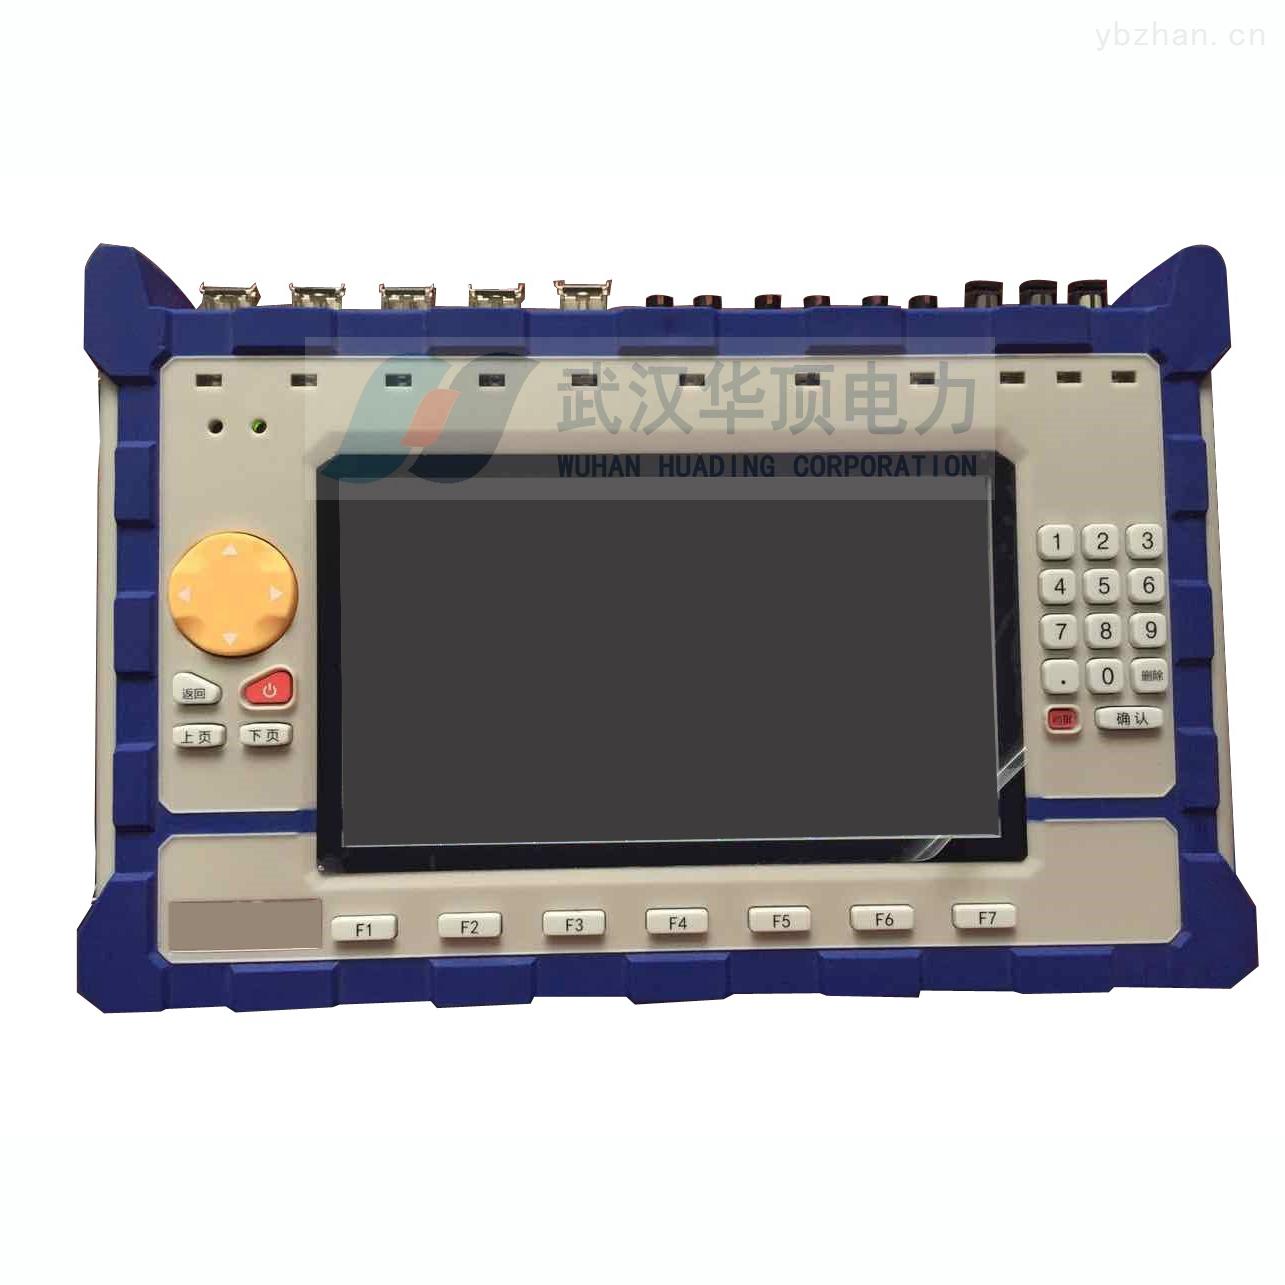 攀枝花市手持光数字继电保护分析仪制造厂家